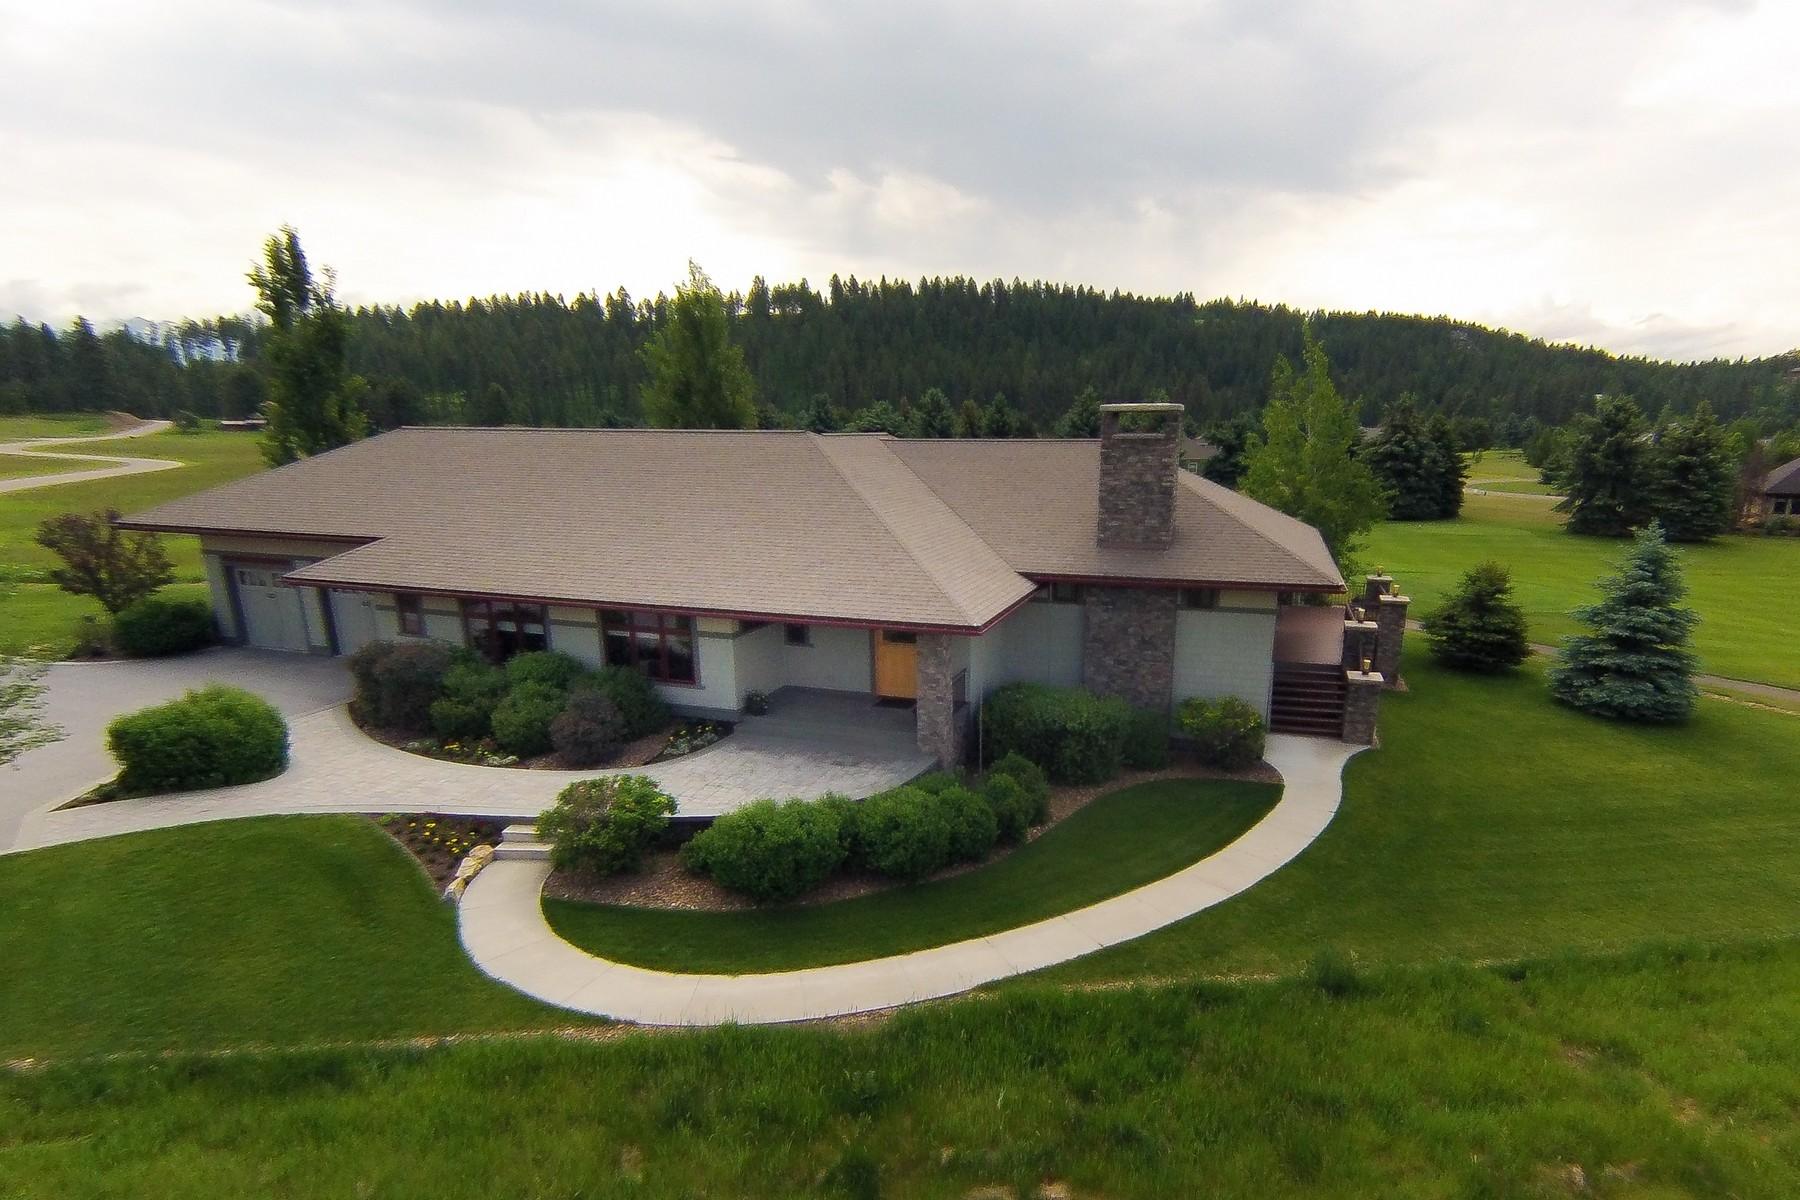 단독 가정 주택 용 매매 에 Spectacular Gated Home 1382 Ponderosa Ridge Drive Bigfork, 몬타나, 59911 미국